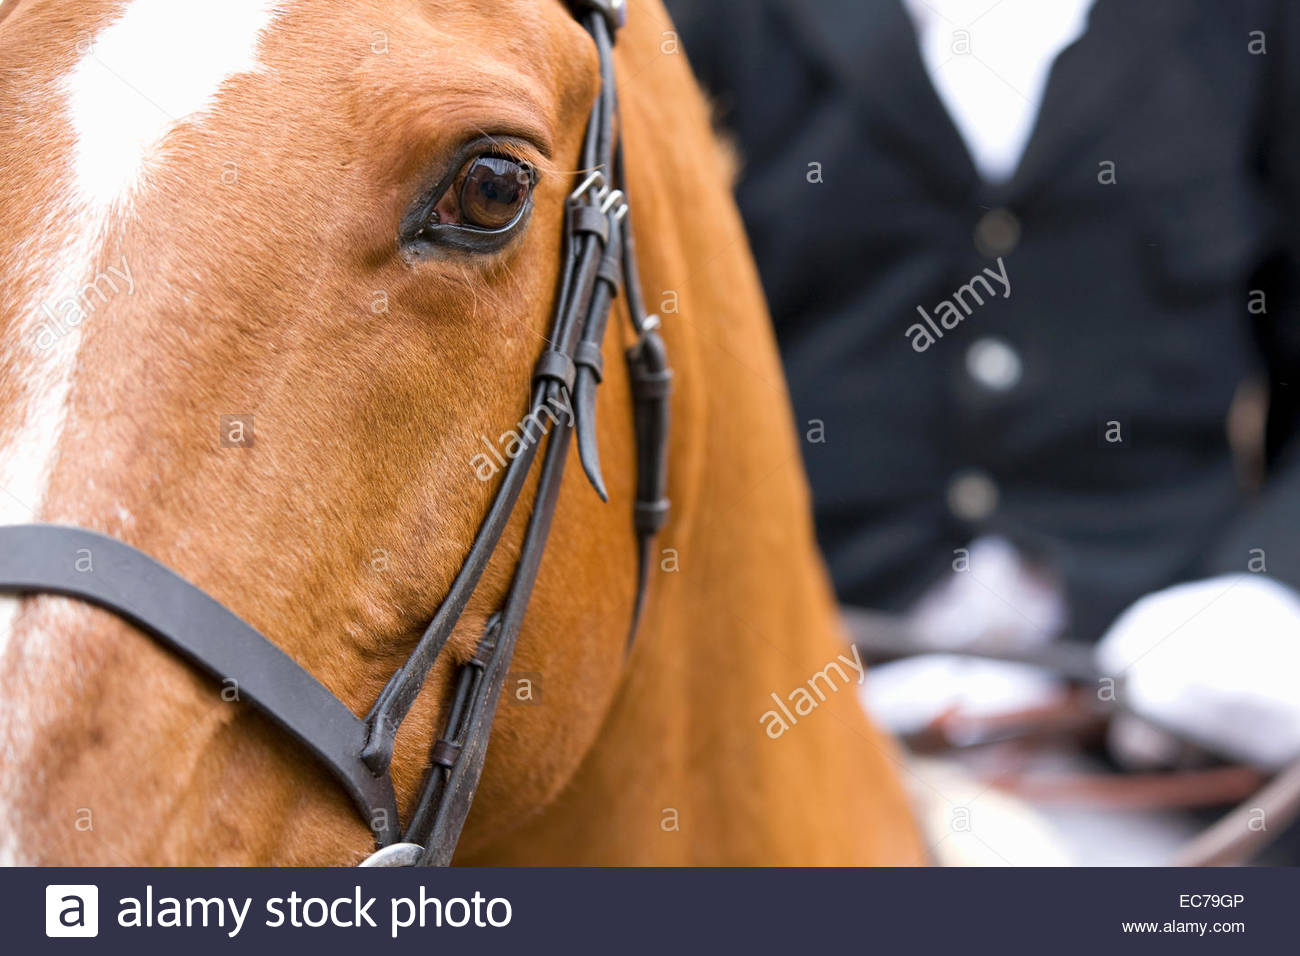 Close-up di testa di cavallo con cavaliere in background Immagini Stock